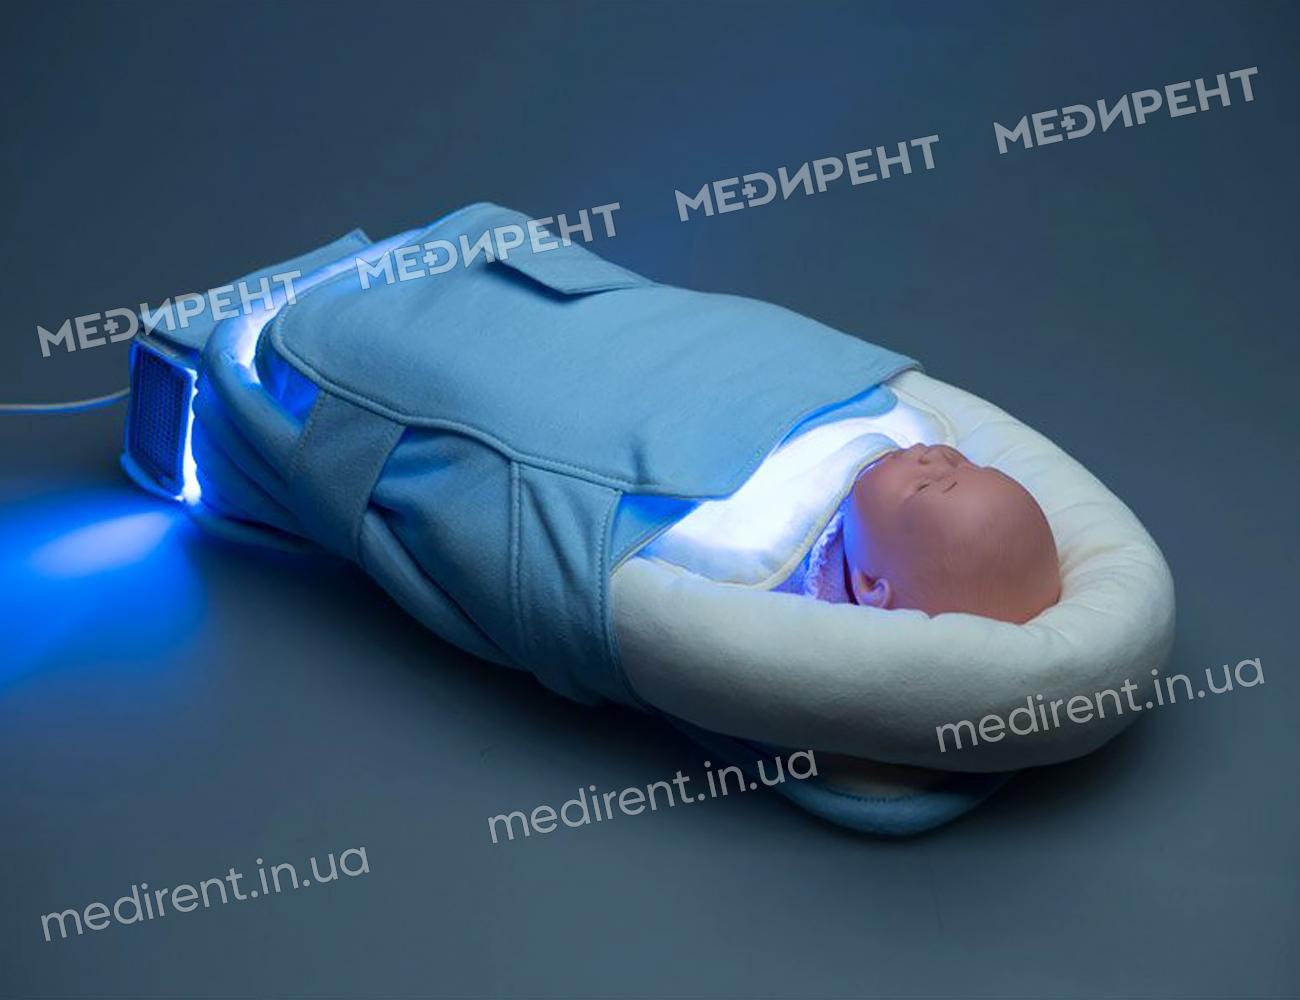 Фотоодеяло для лечения желтушки у новорожденных